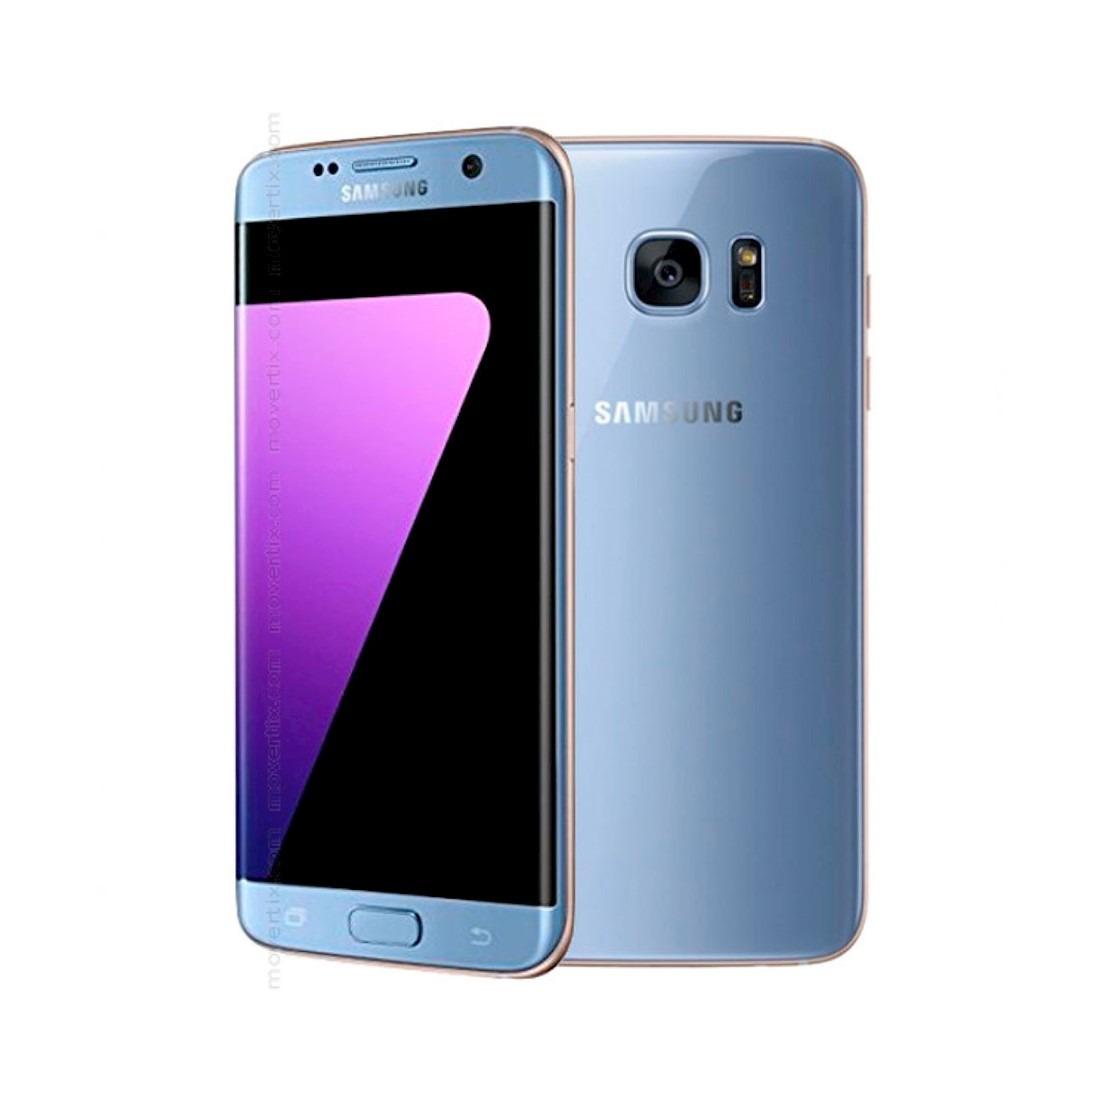 Celular Samsung Galaxy S7 Edge 32gb(ram 4gb) 12mp Nfc Wifi